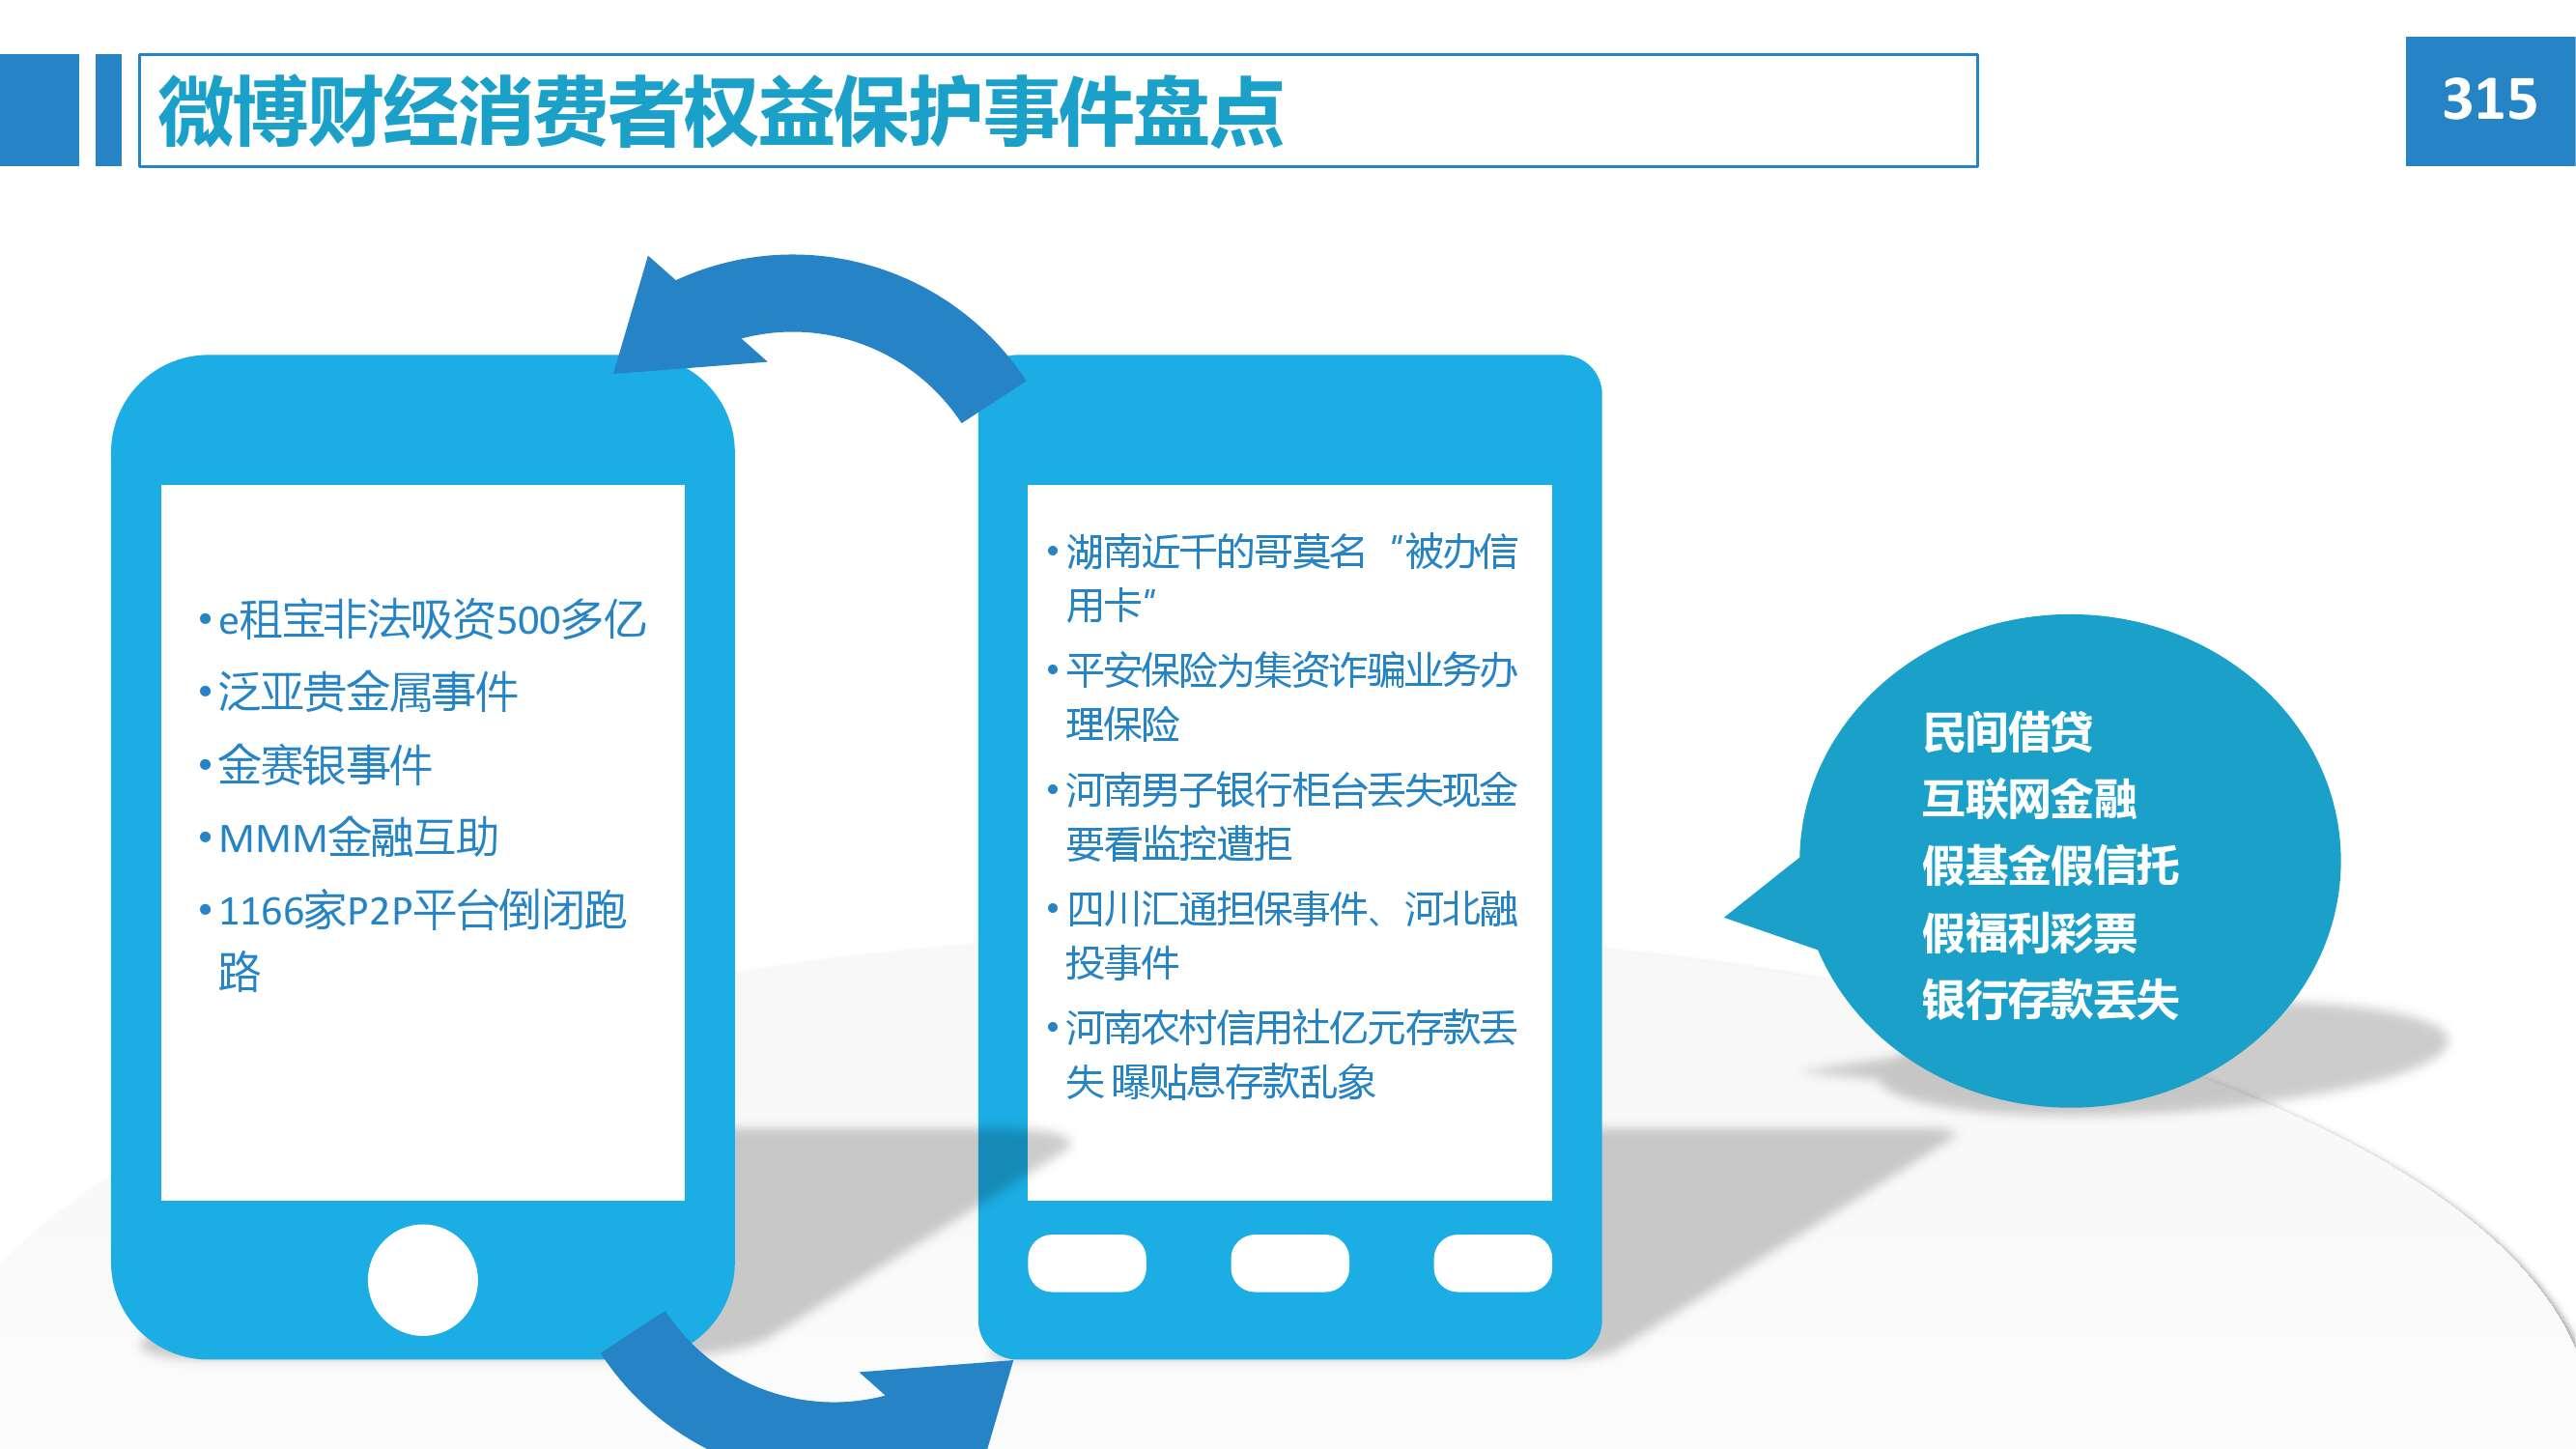 2015年微博消费者白皮书_000031